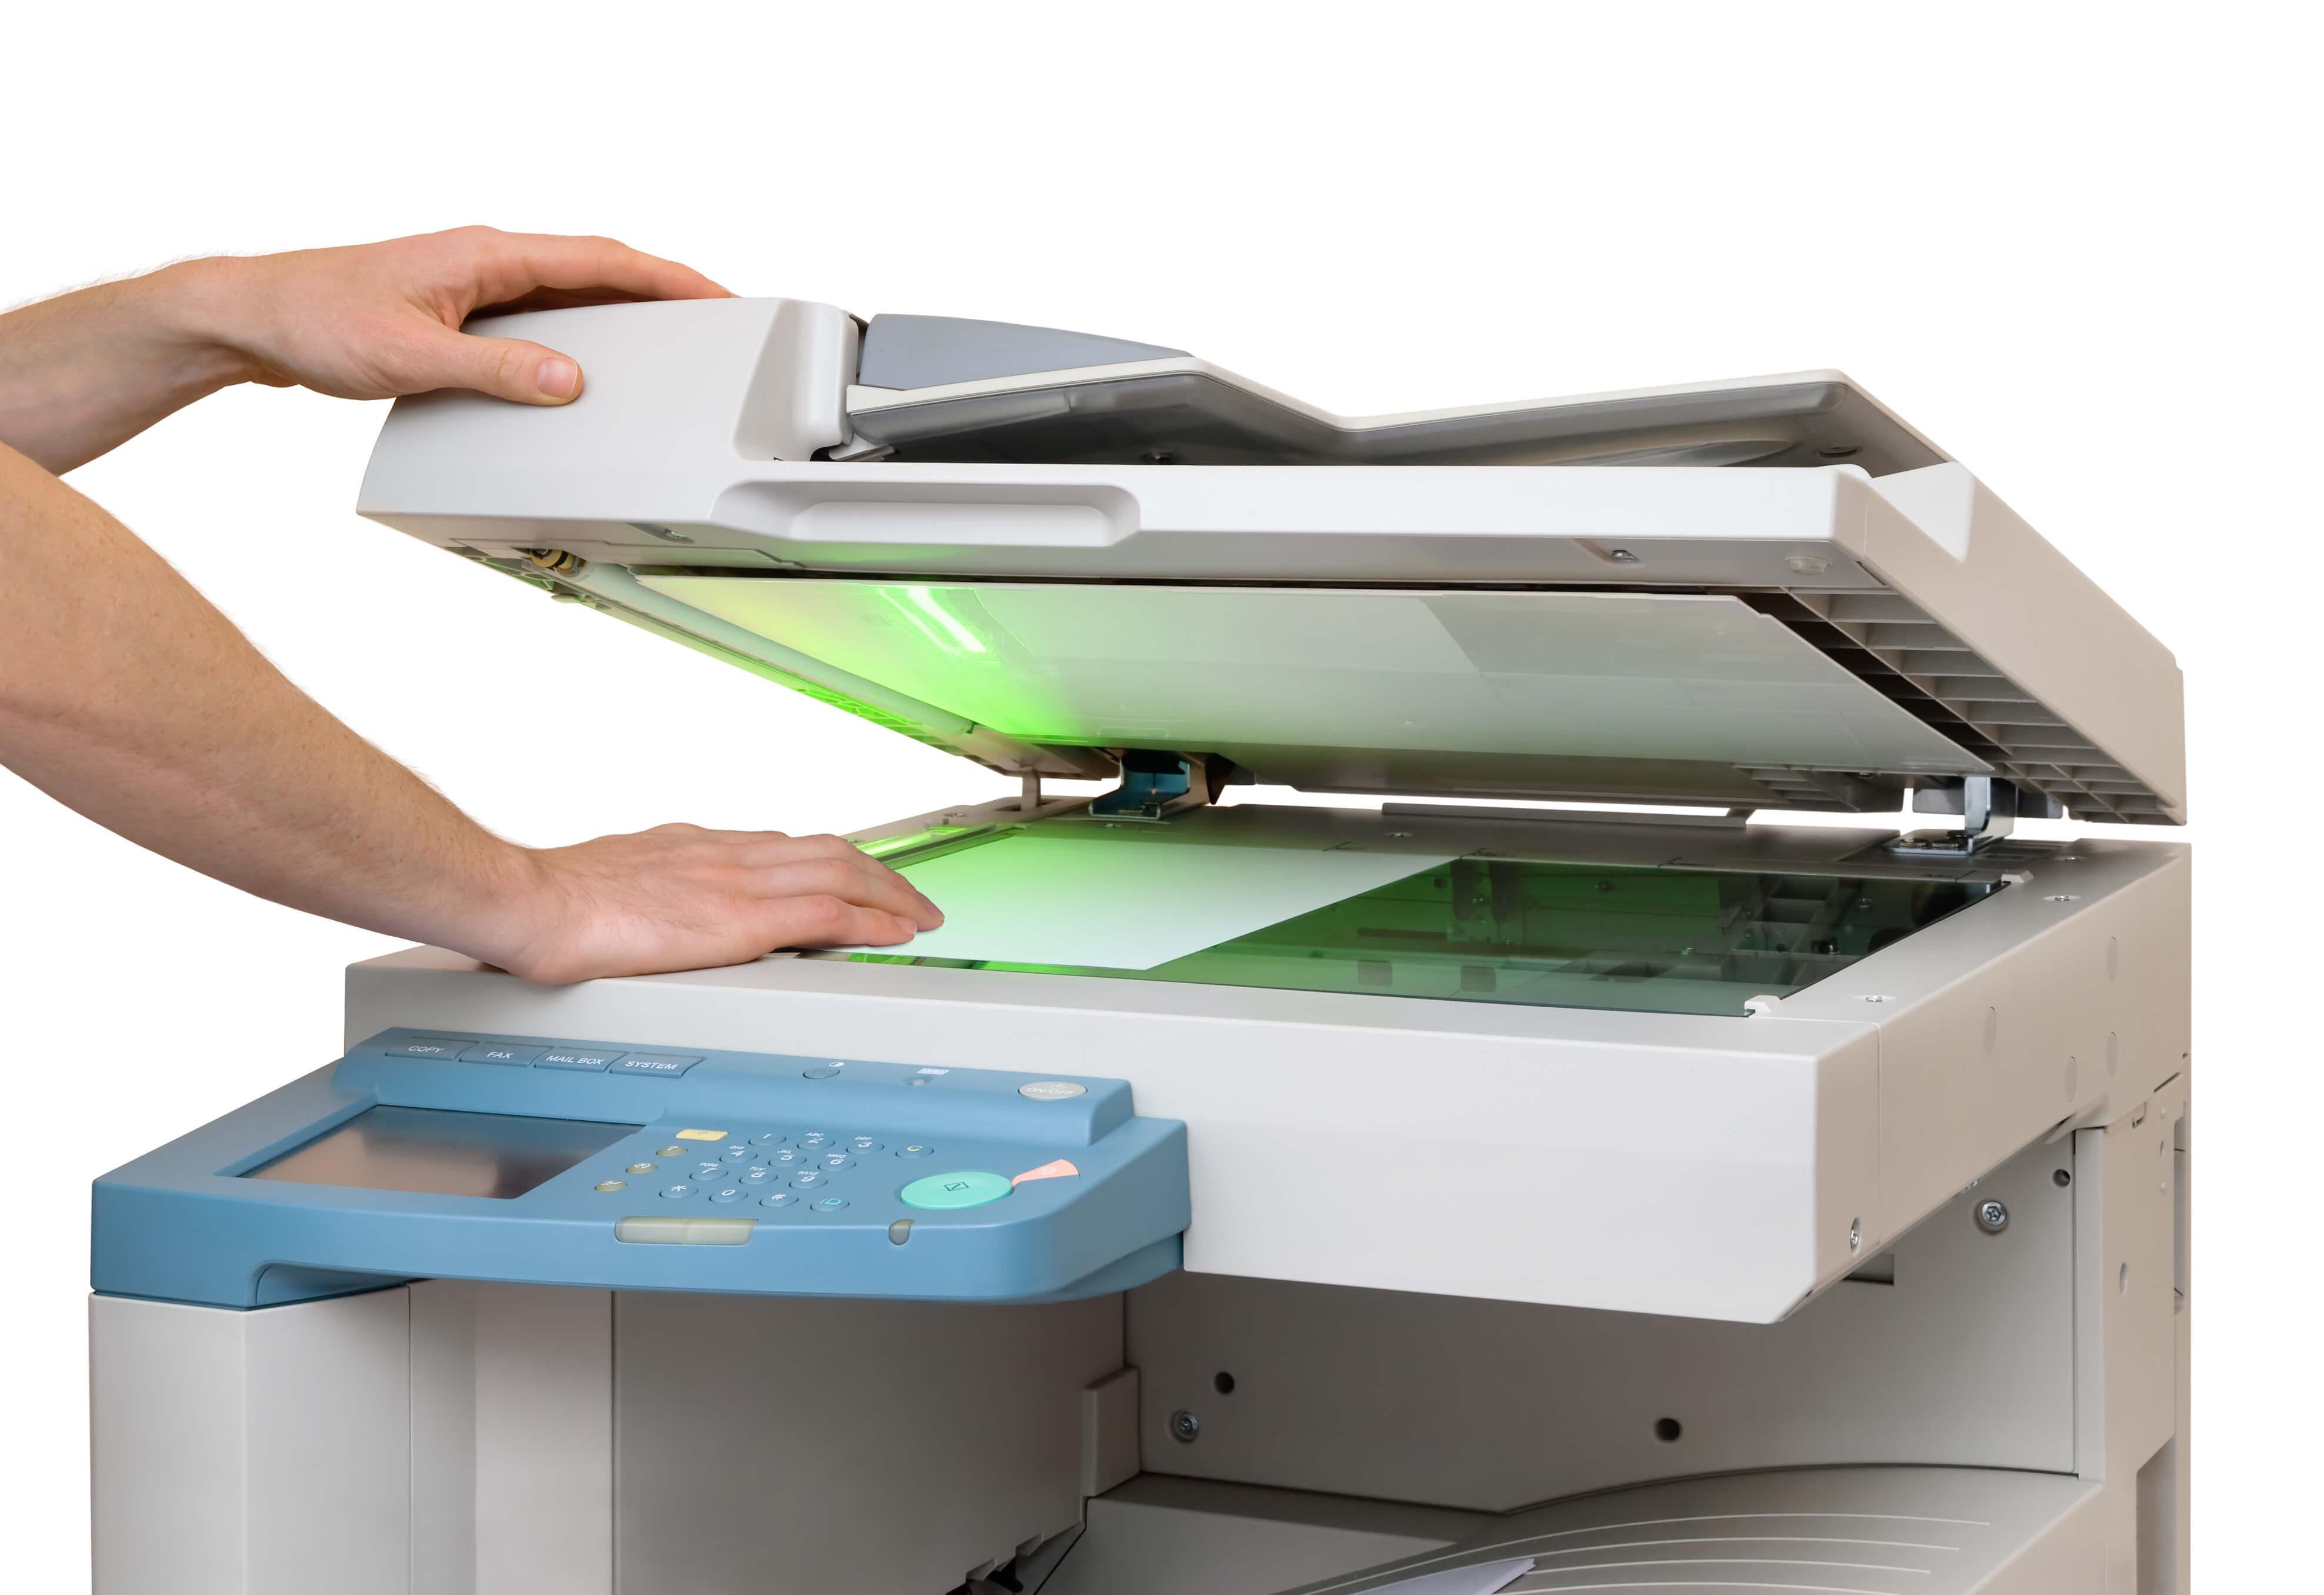 doe het zelf printen lowie kopie